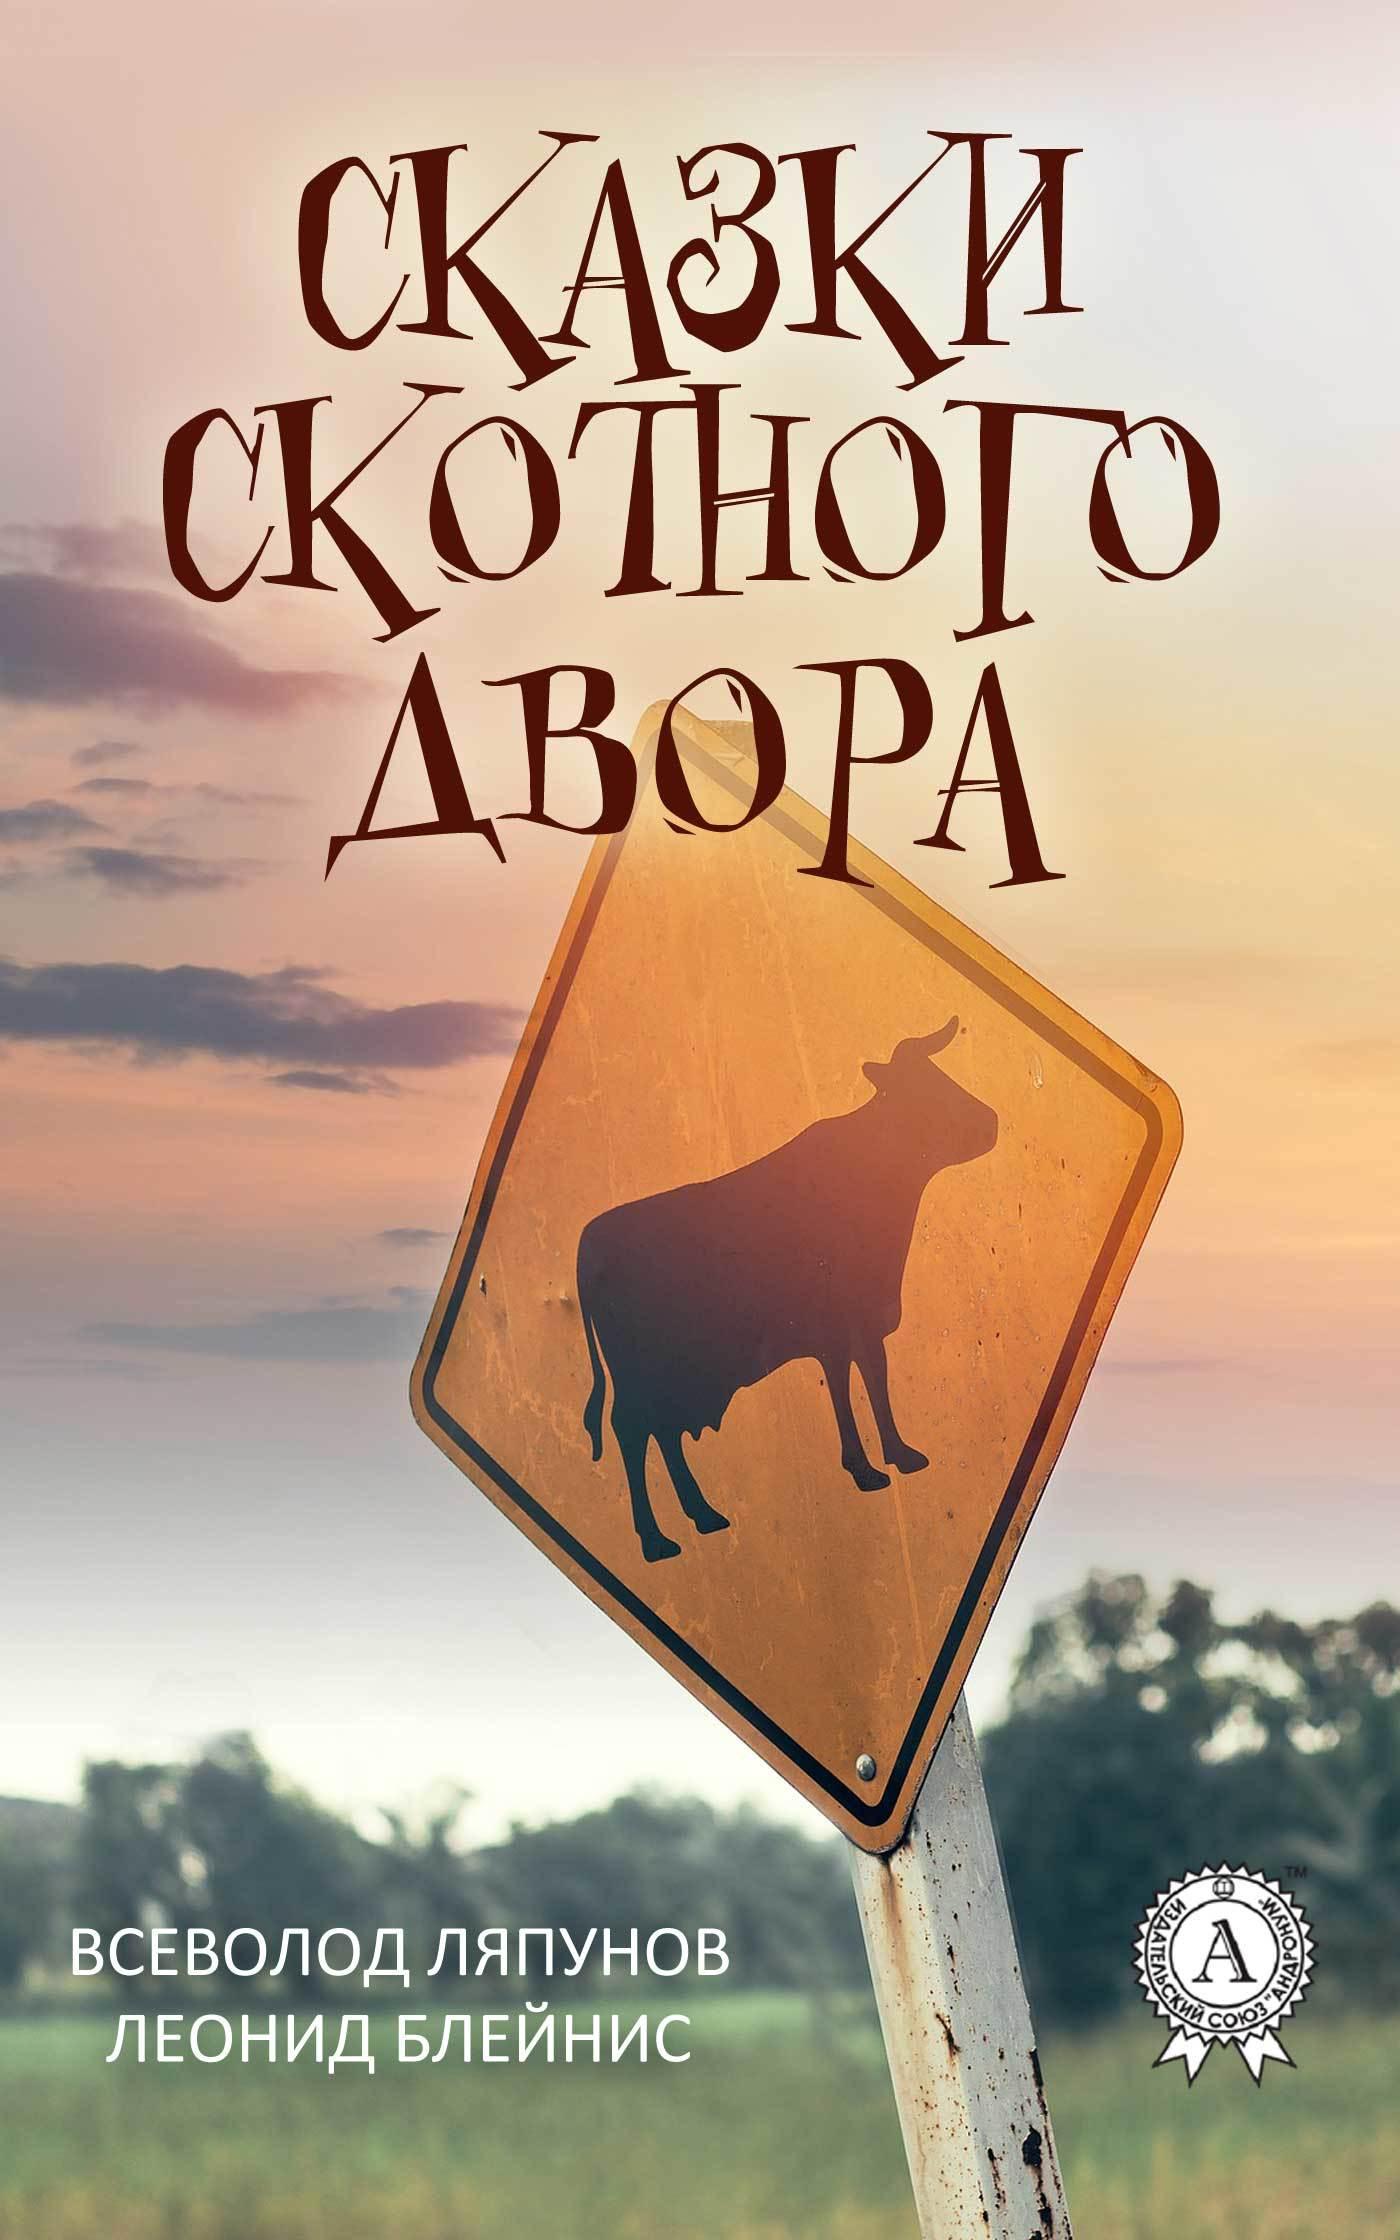 Сказки Скотного двора